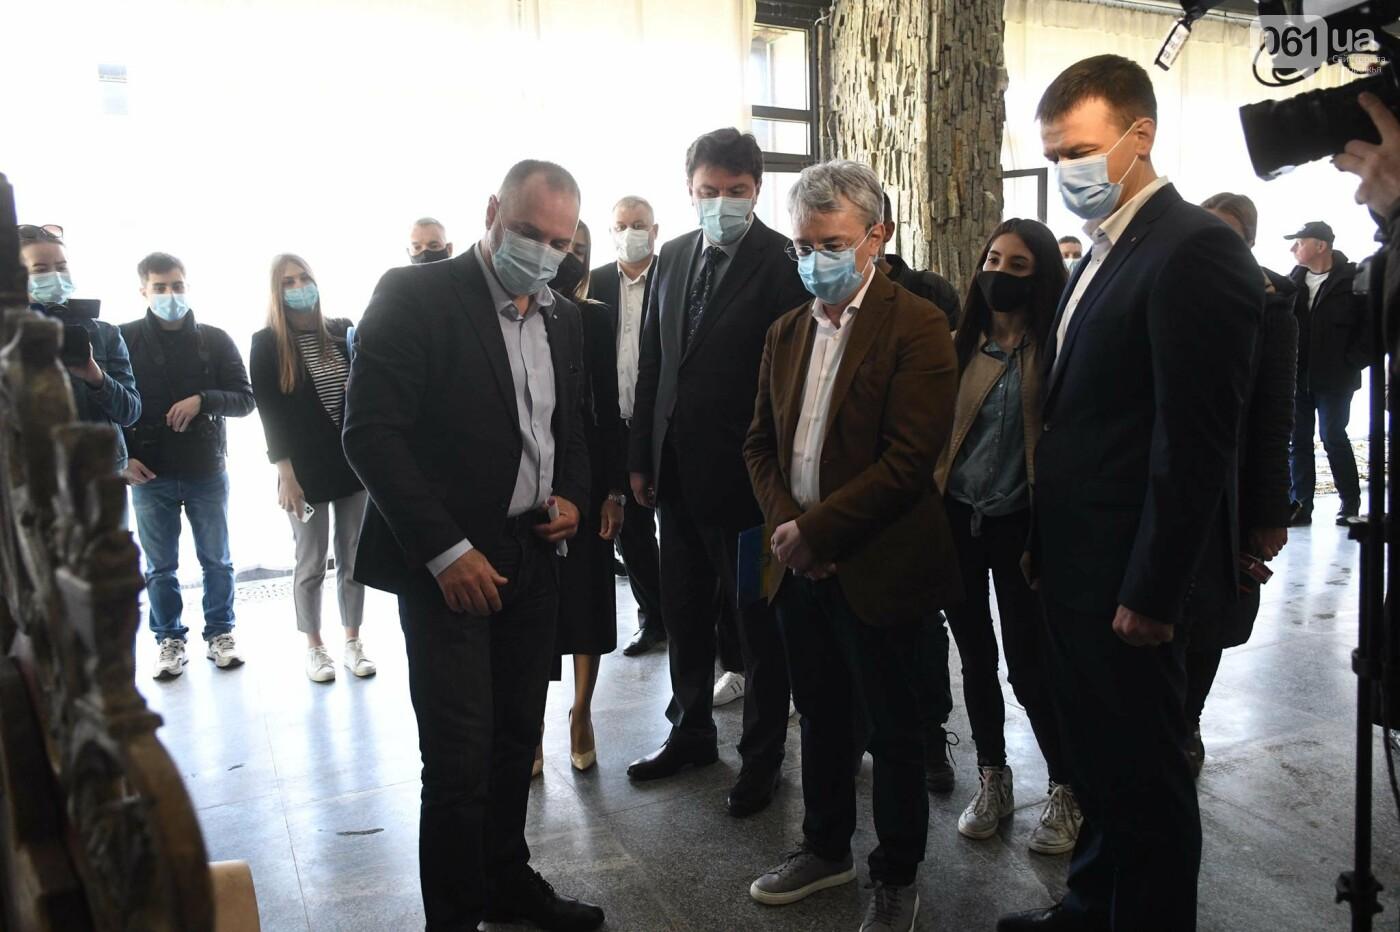 Министр культуры назвал сроки реконструкции кургана на Хортице - как будет выглядеть объект, - ФОТО, фото-8